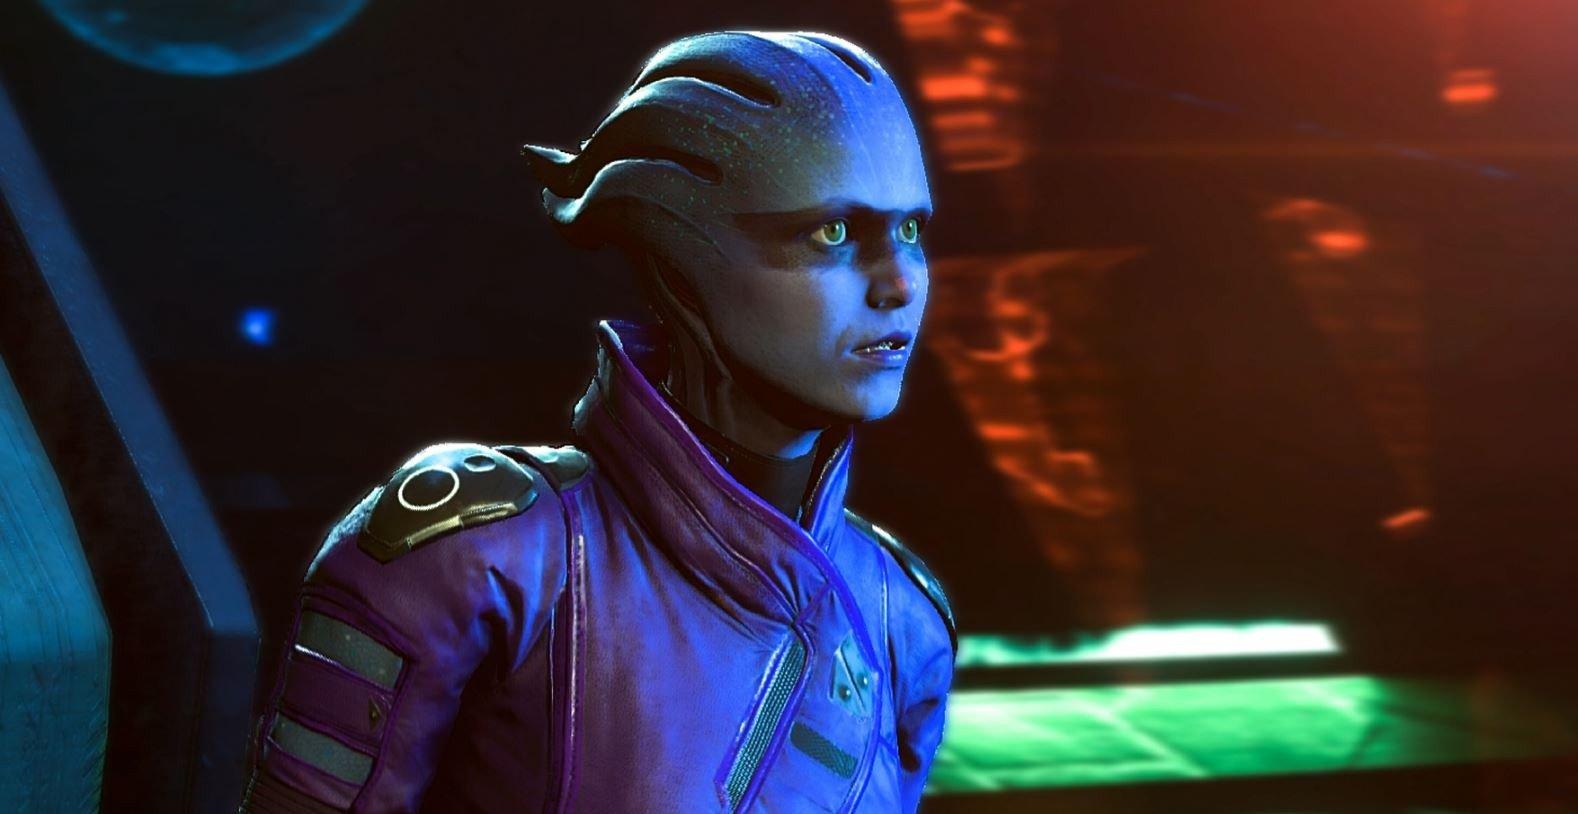 Mass Effect: Andromeda no contará con diversas razas de los juegos anteriores